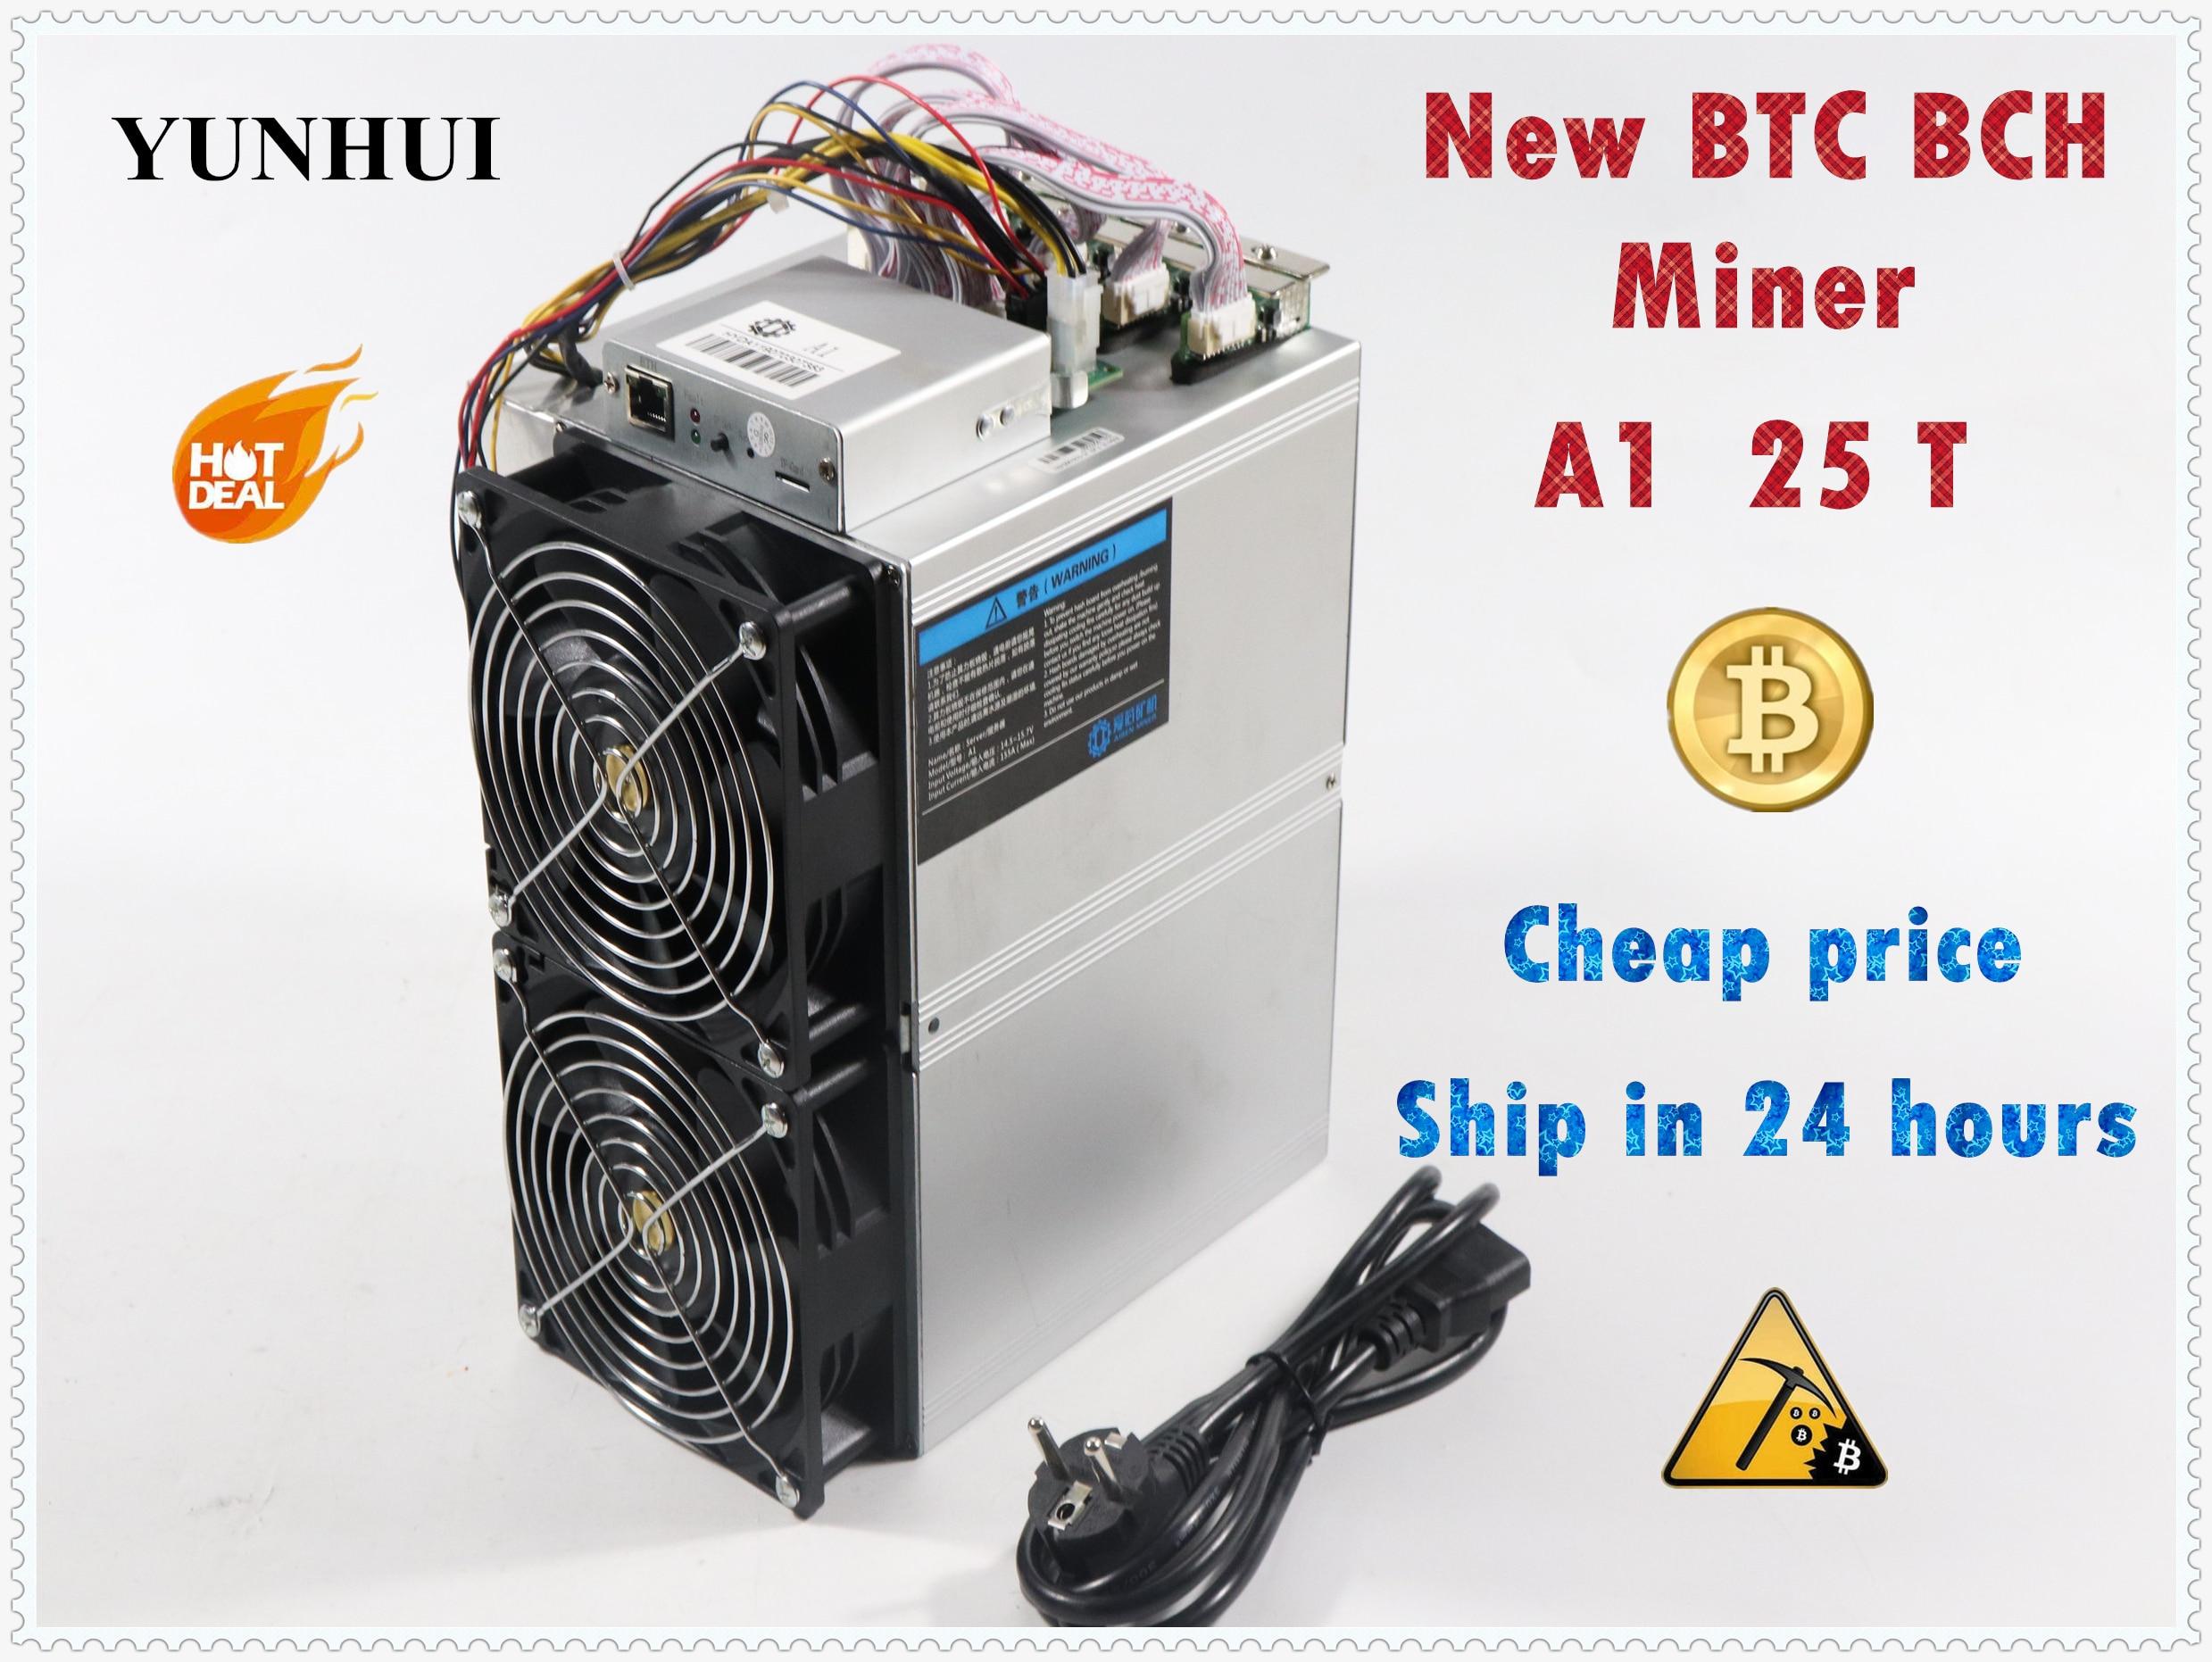 Più nuovo BTC Miner Love Core A1 Miner Aixin A1 25T con PSU economico di Antminer S9 S11 S15 S17 T9 + T15 T17 WhatsMiner M3X M10